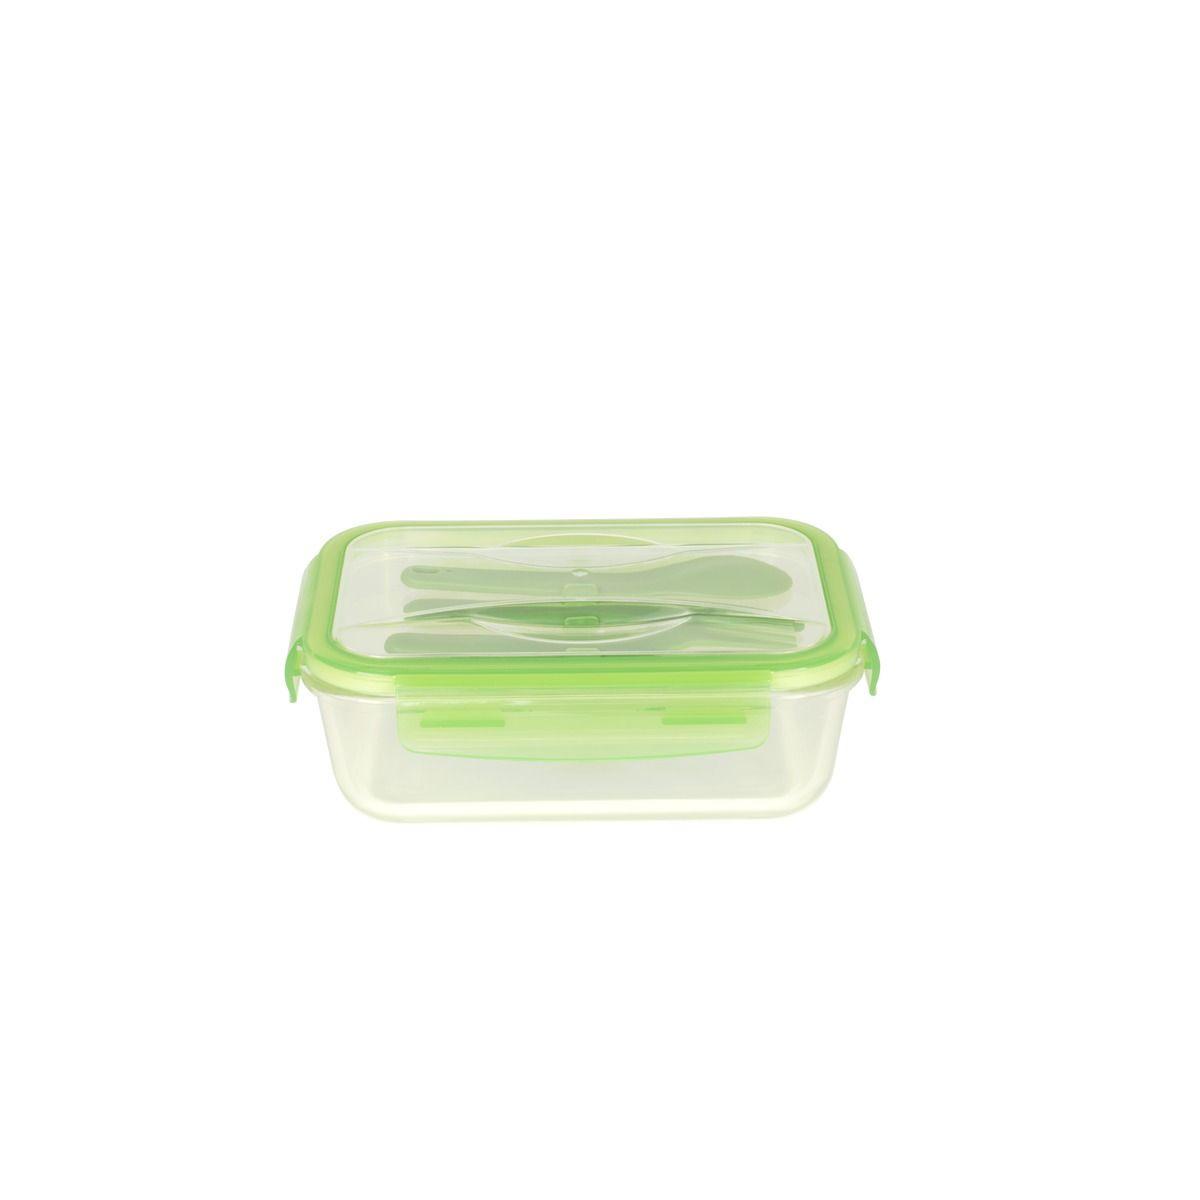 Lunch box nomade en verre 1,2 L avec couverts en plastique - vert sauge - Pebbly